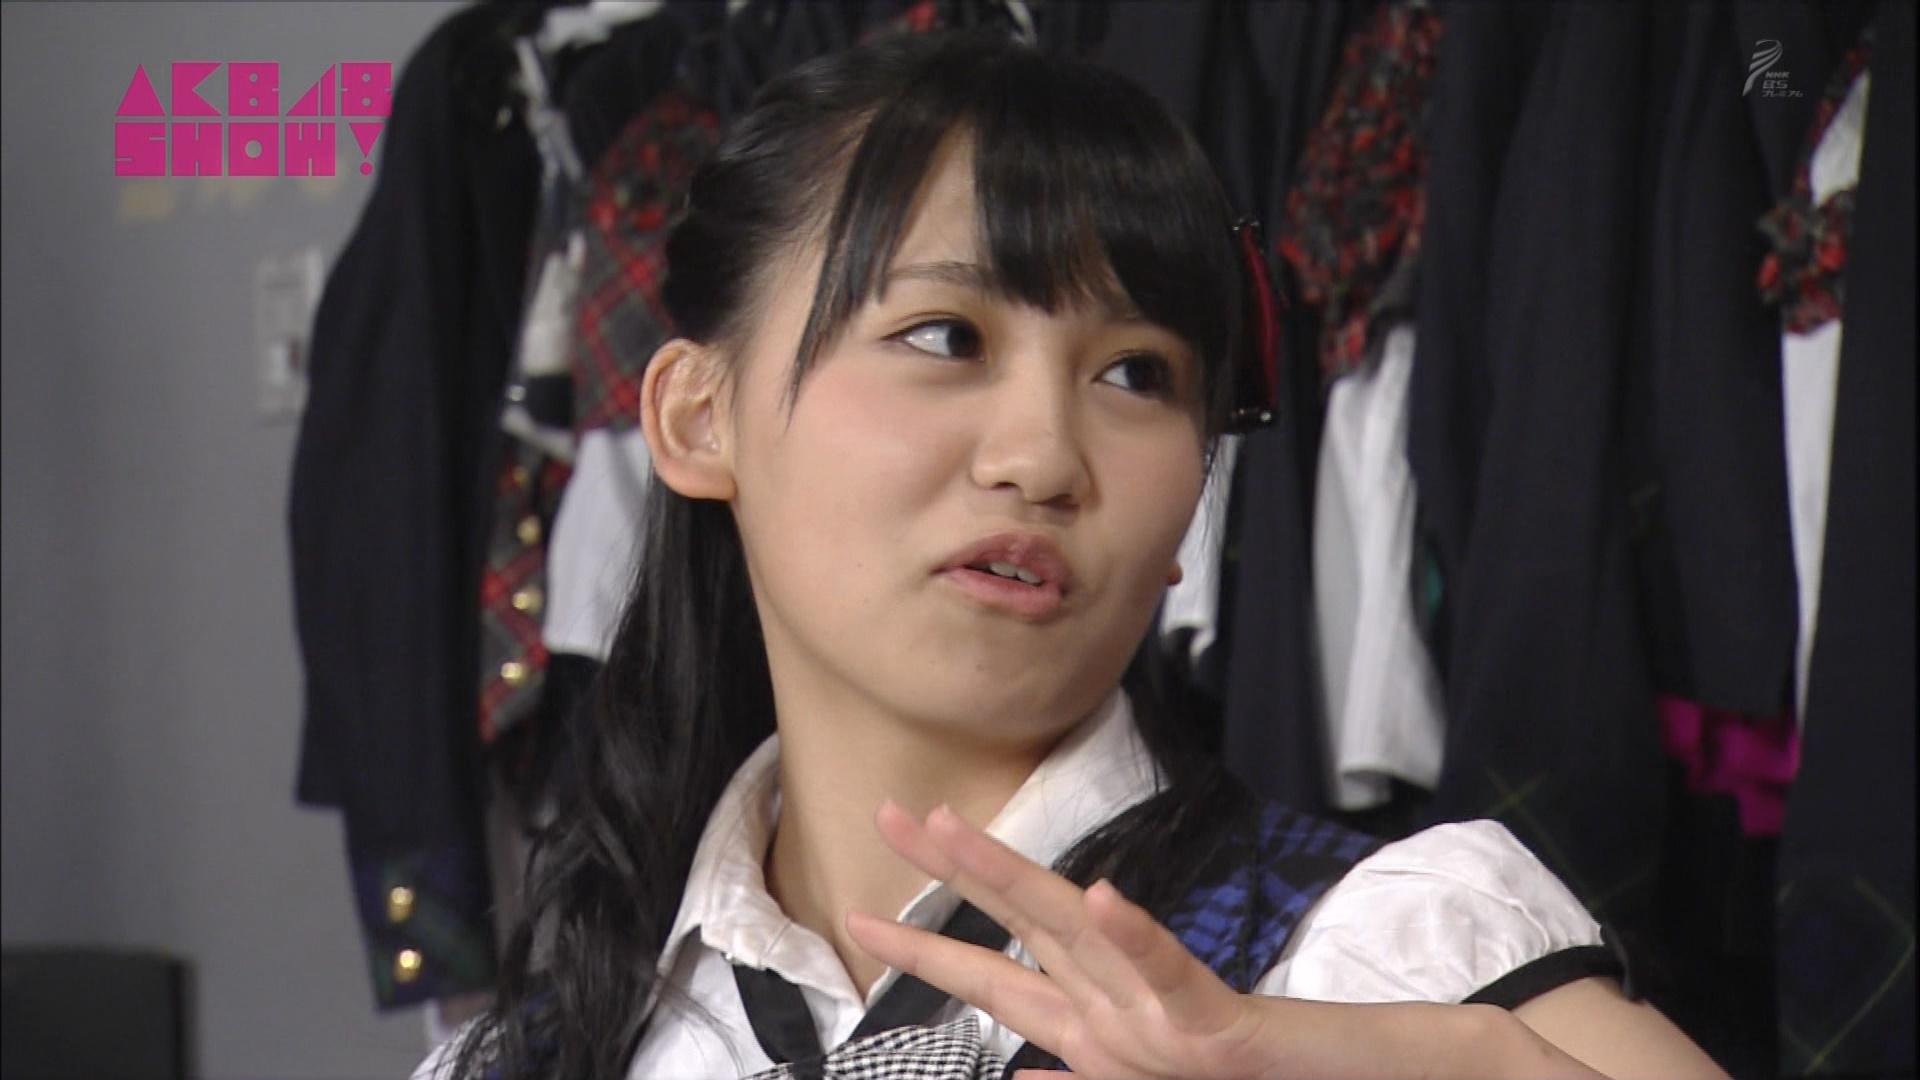 小嶋真子 彼女になれますか AKB48SHOW! 20140906 (5)